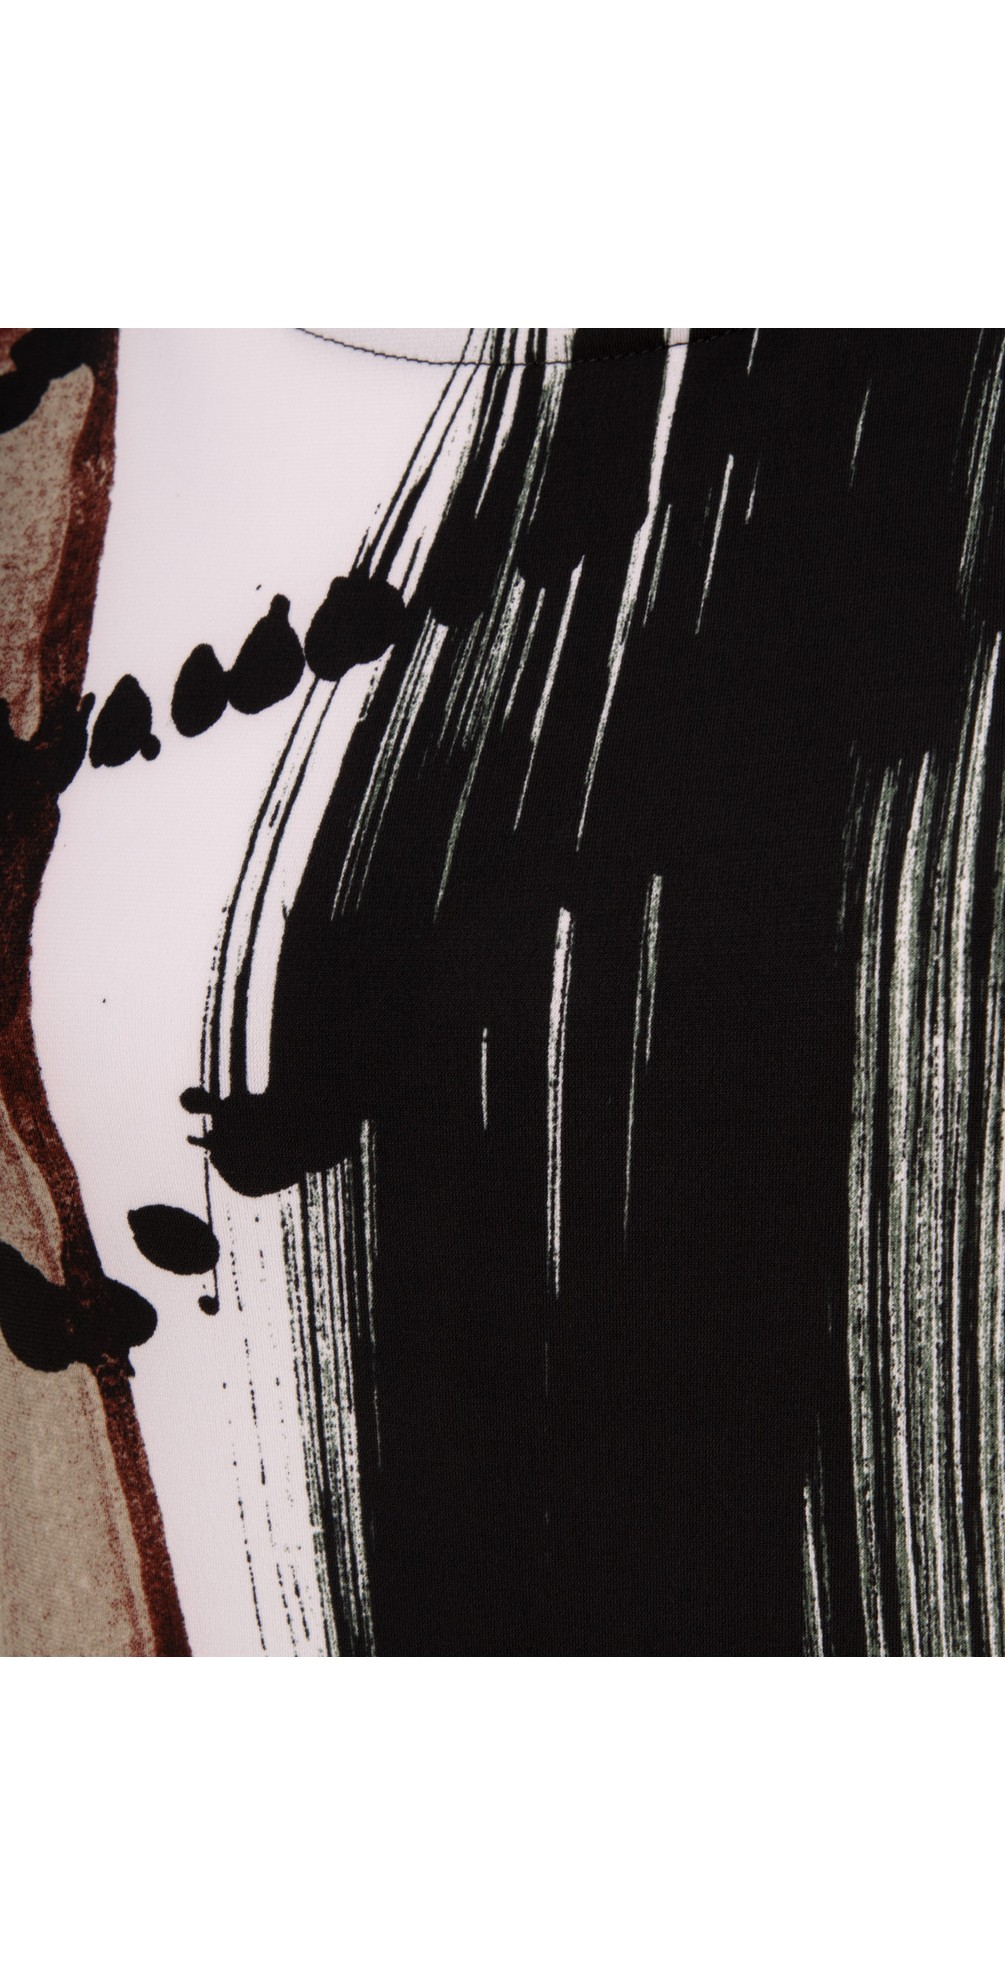 Sleeveless Top -  Brush main image